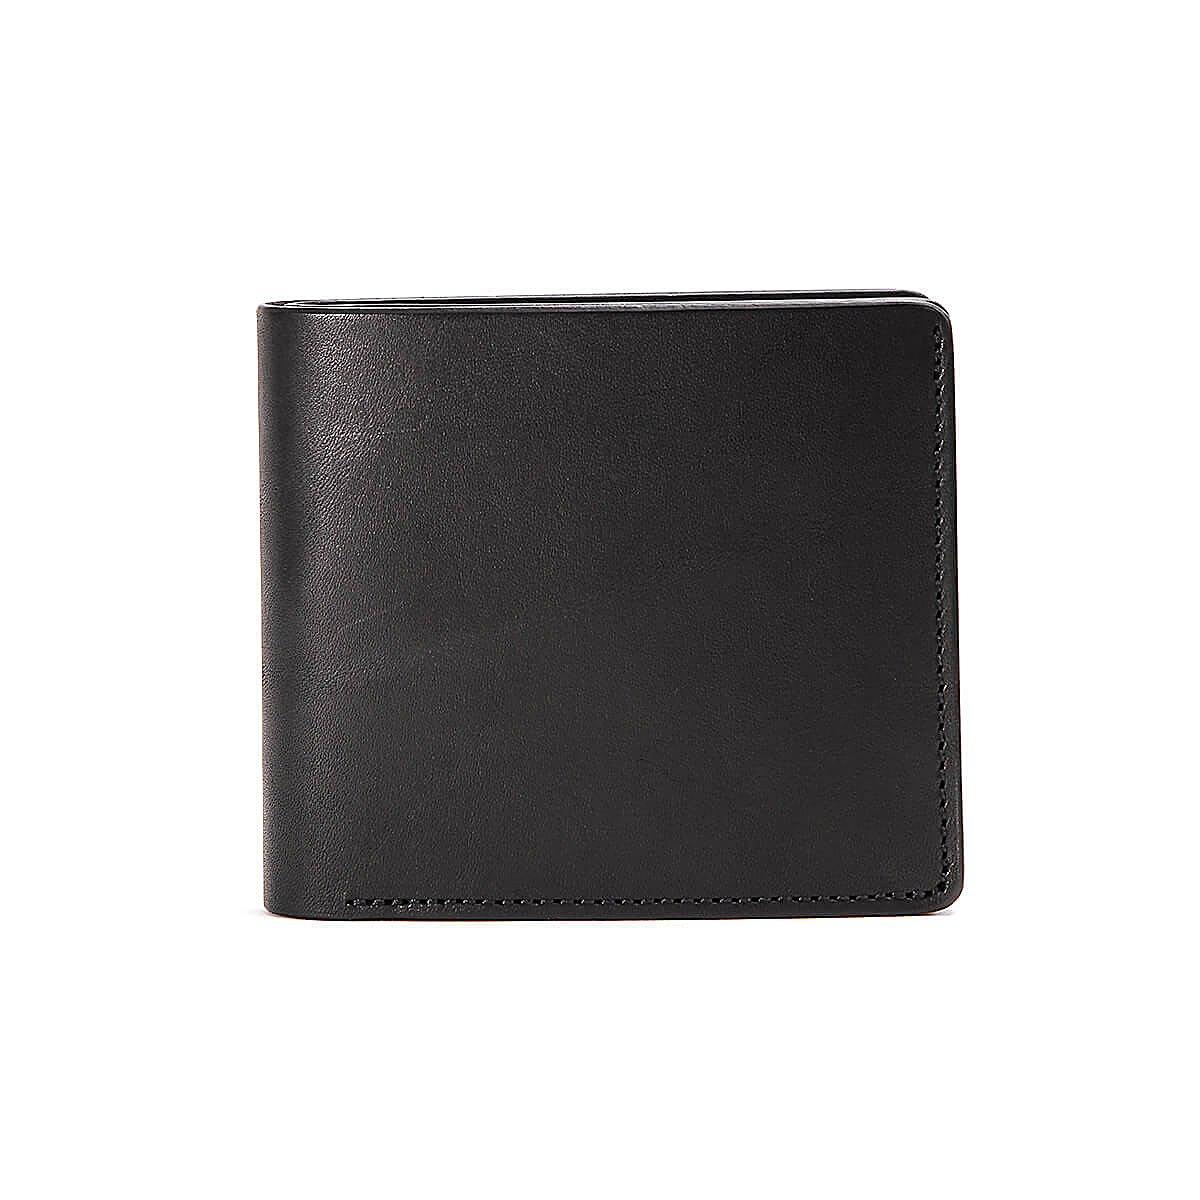 スロウ 2つ折り財布 double oil SO607D Choco B07DT559CY ブラック ブラック -